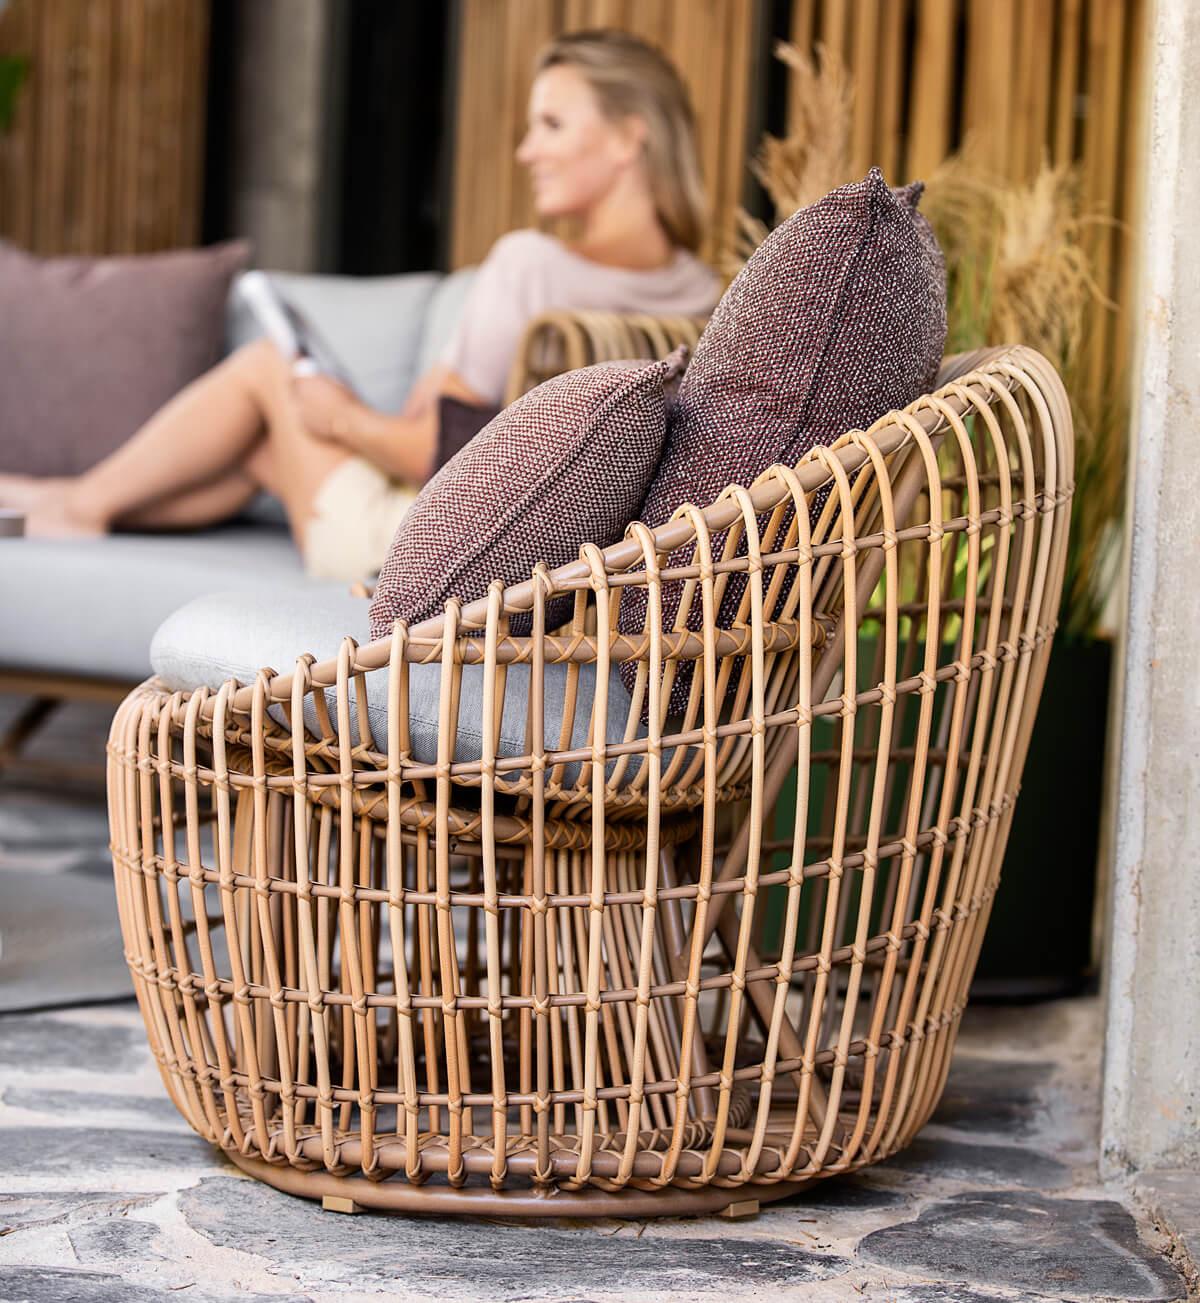 Nest okrągły fotel ogrodowy z technorattanu elegancki styl boho   Kolekcja Nest Cane-line